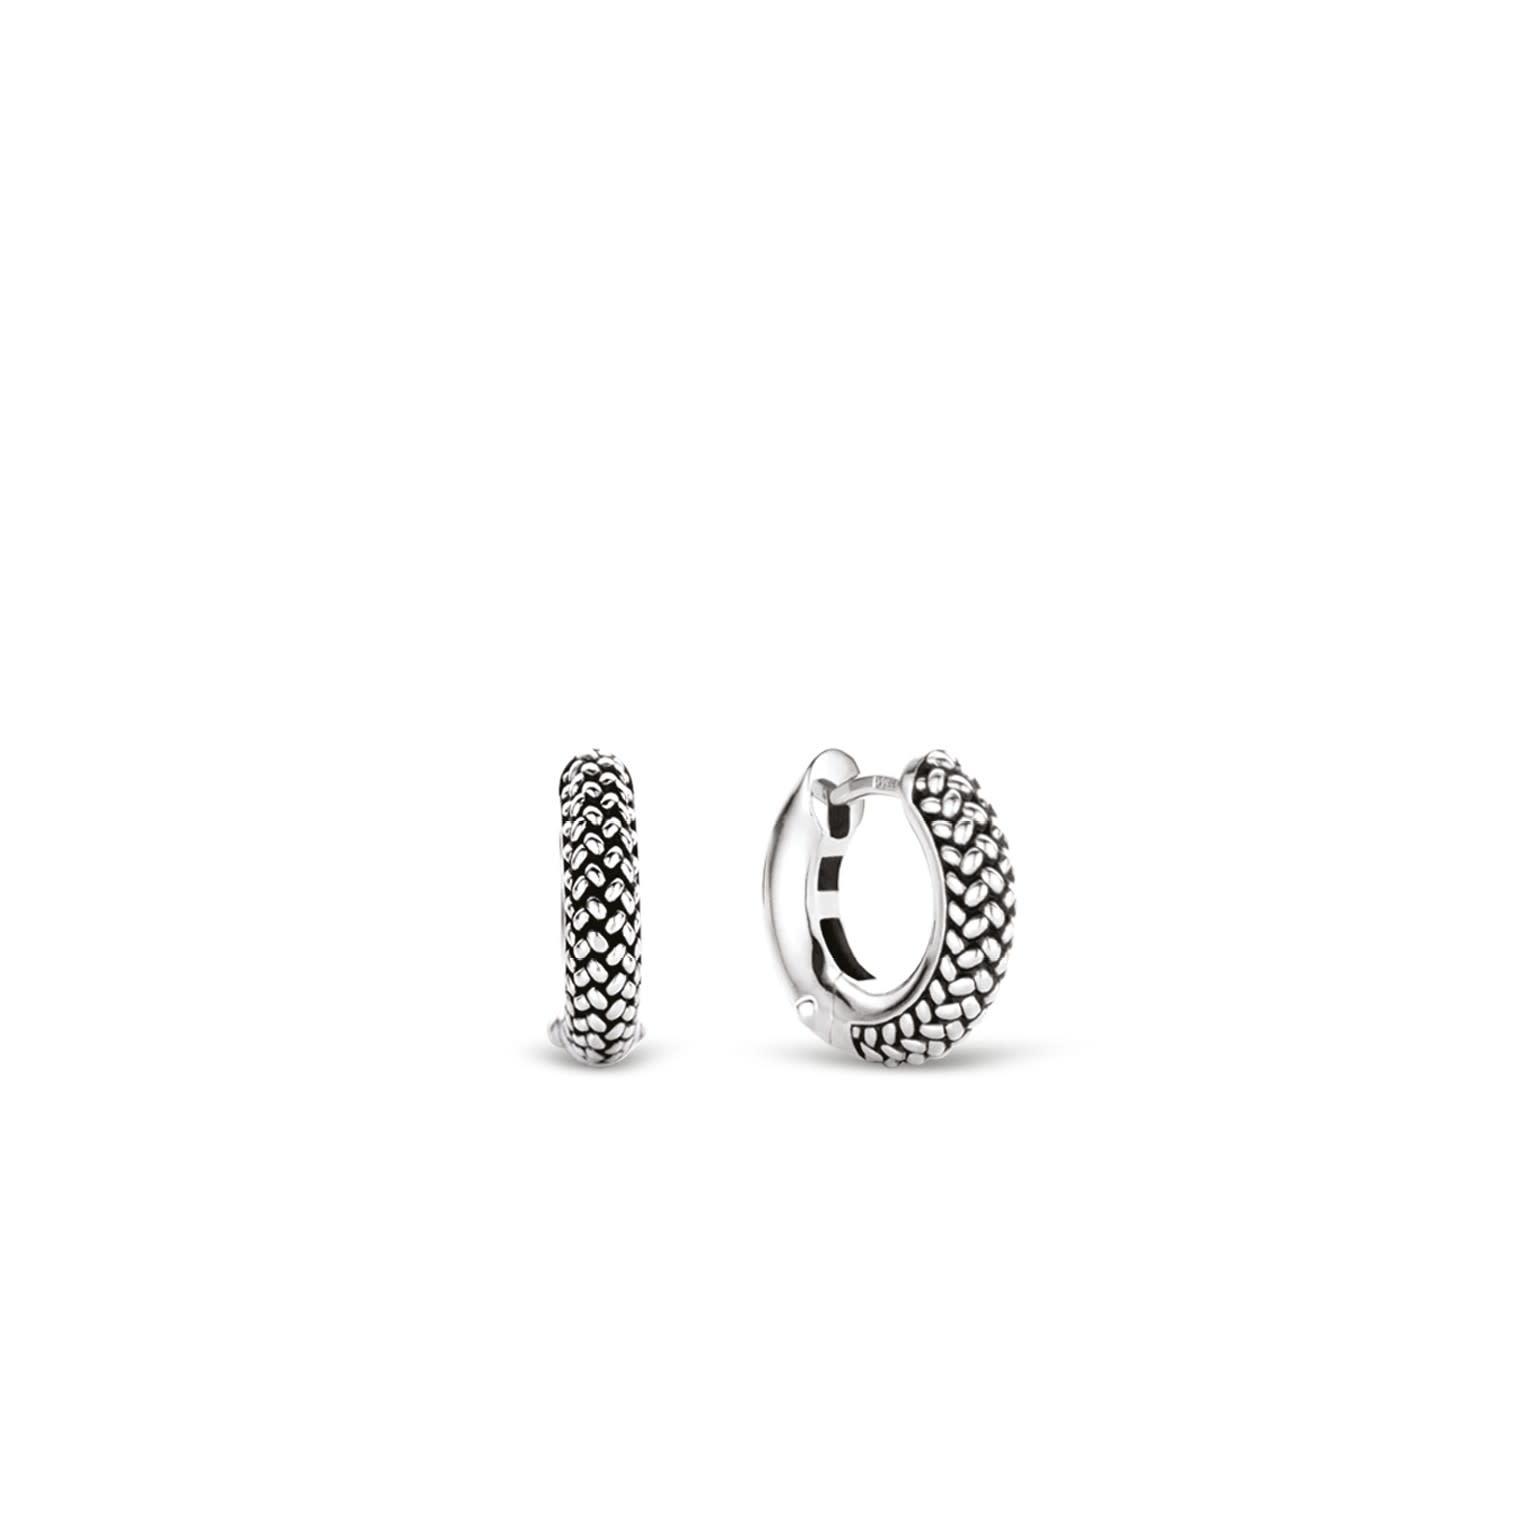 TI SENTO - Milano Earrings 7798SI-1